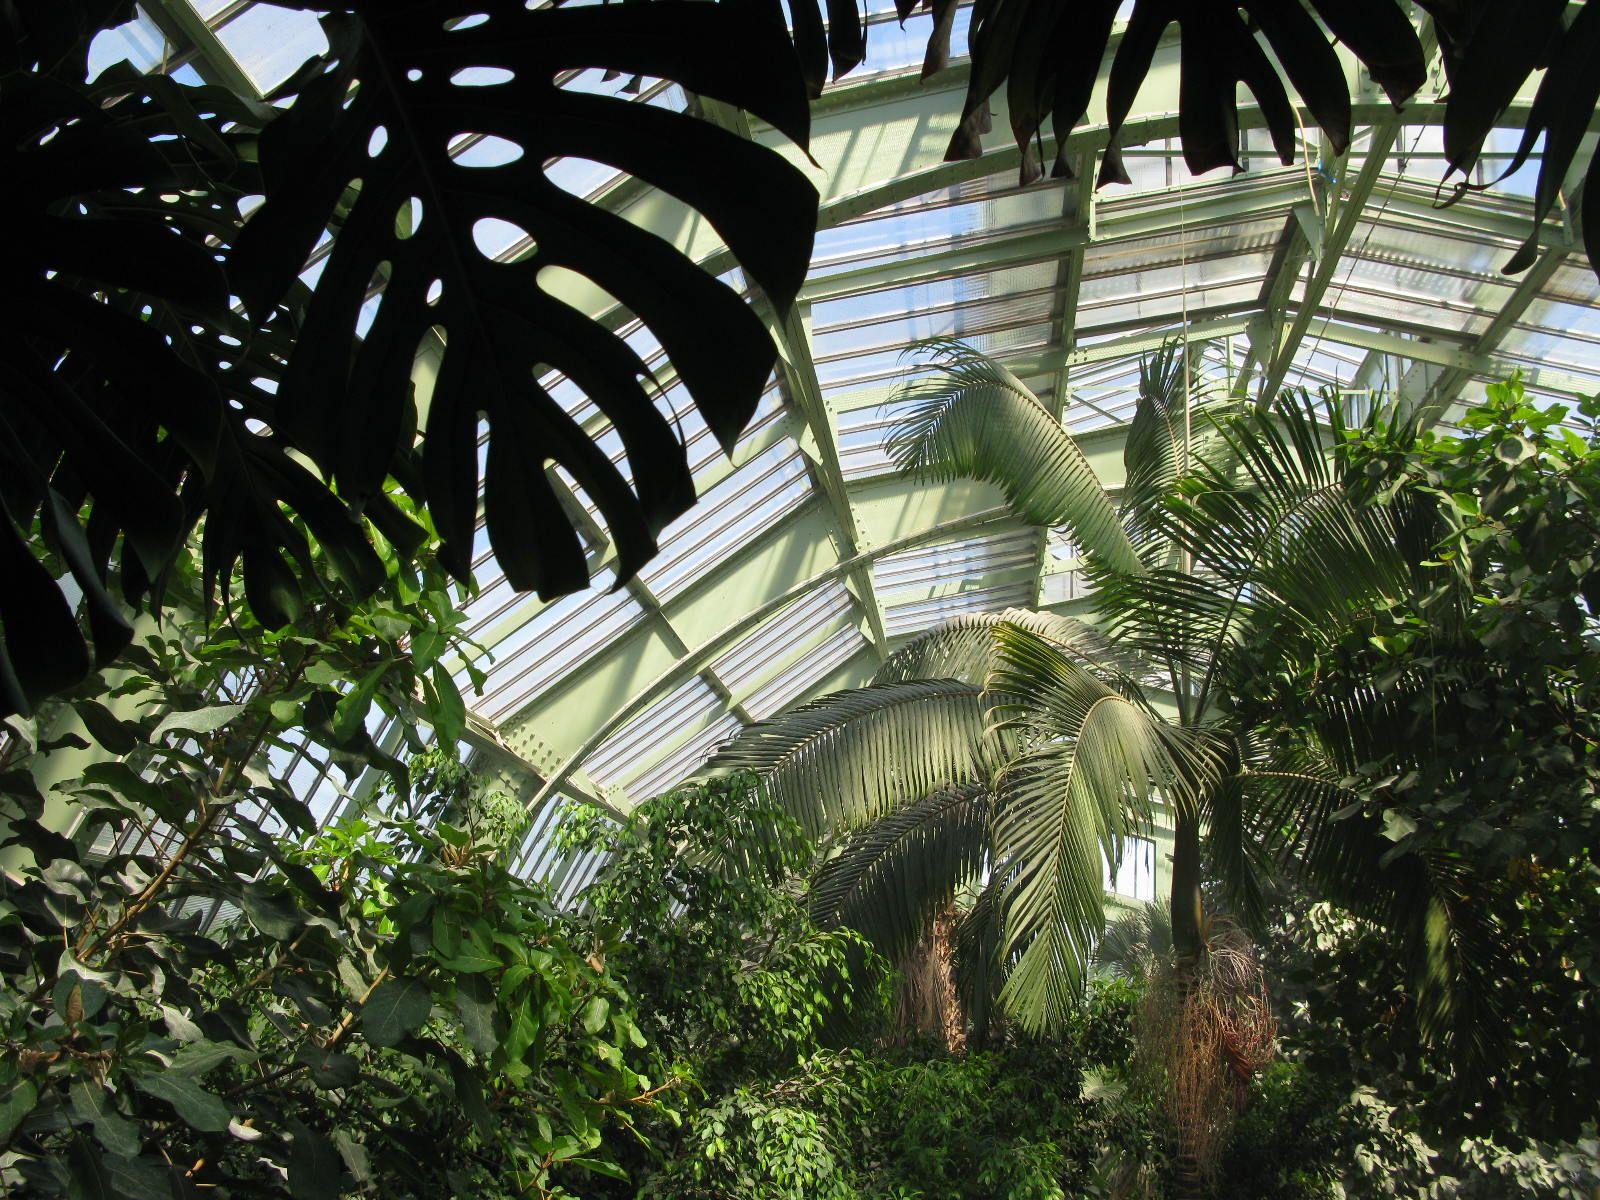 grande serre du jardin des plantes paris home pinterest france. Black Bedroom Furniture Sets. Home Design Ideas